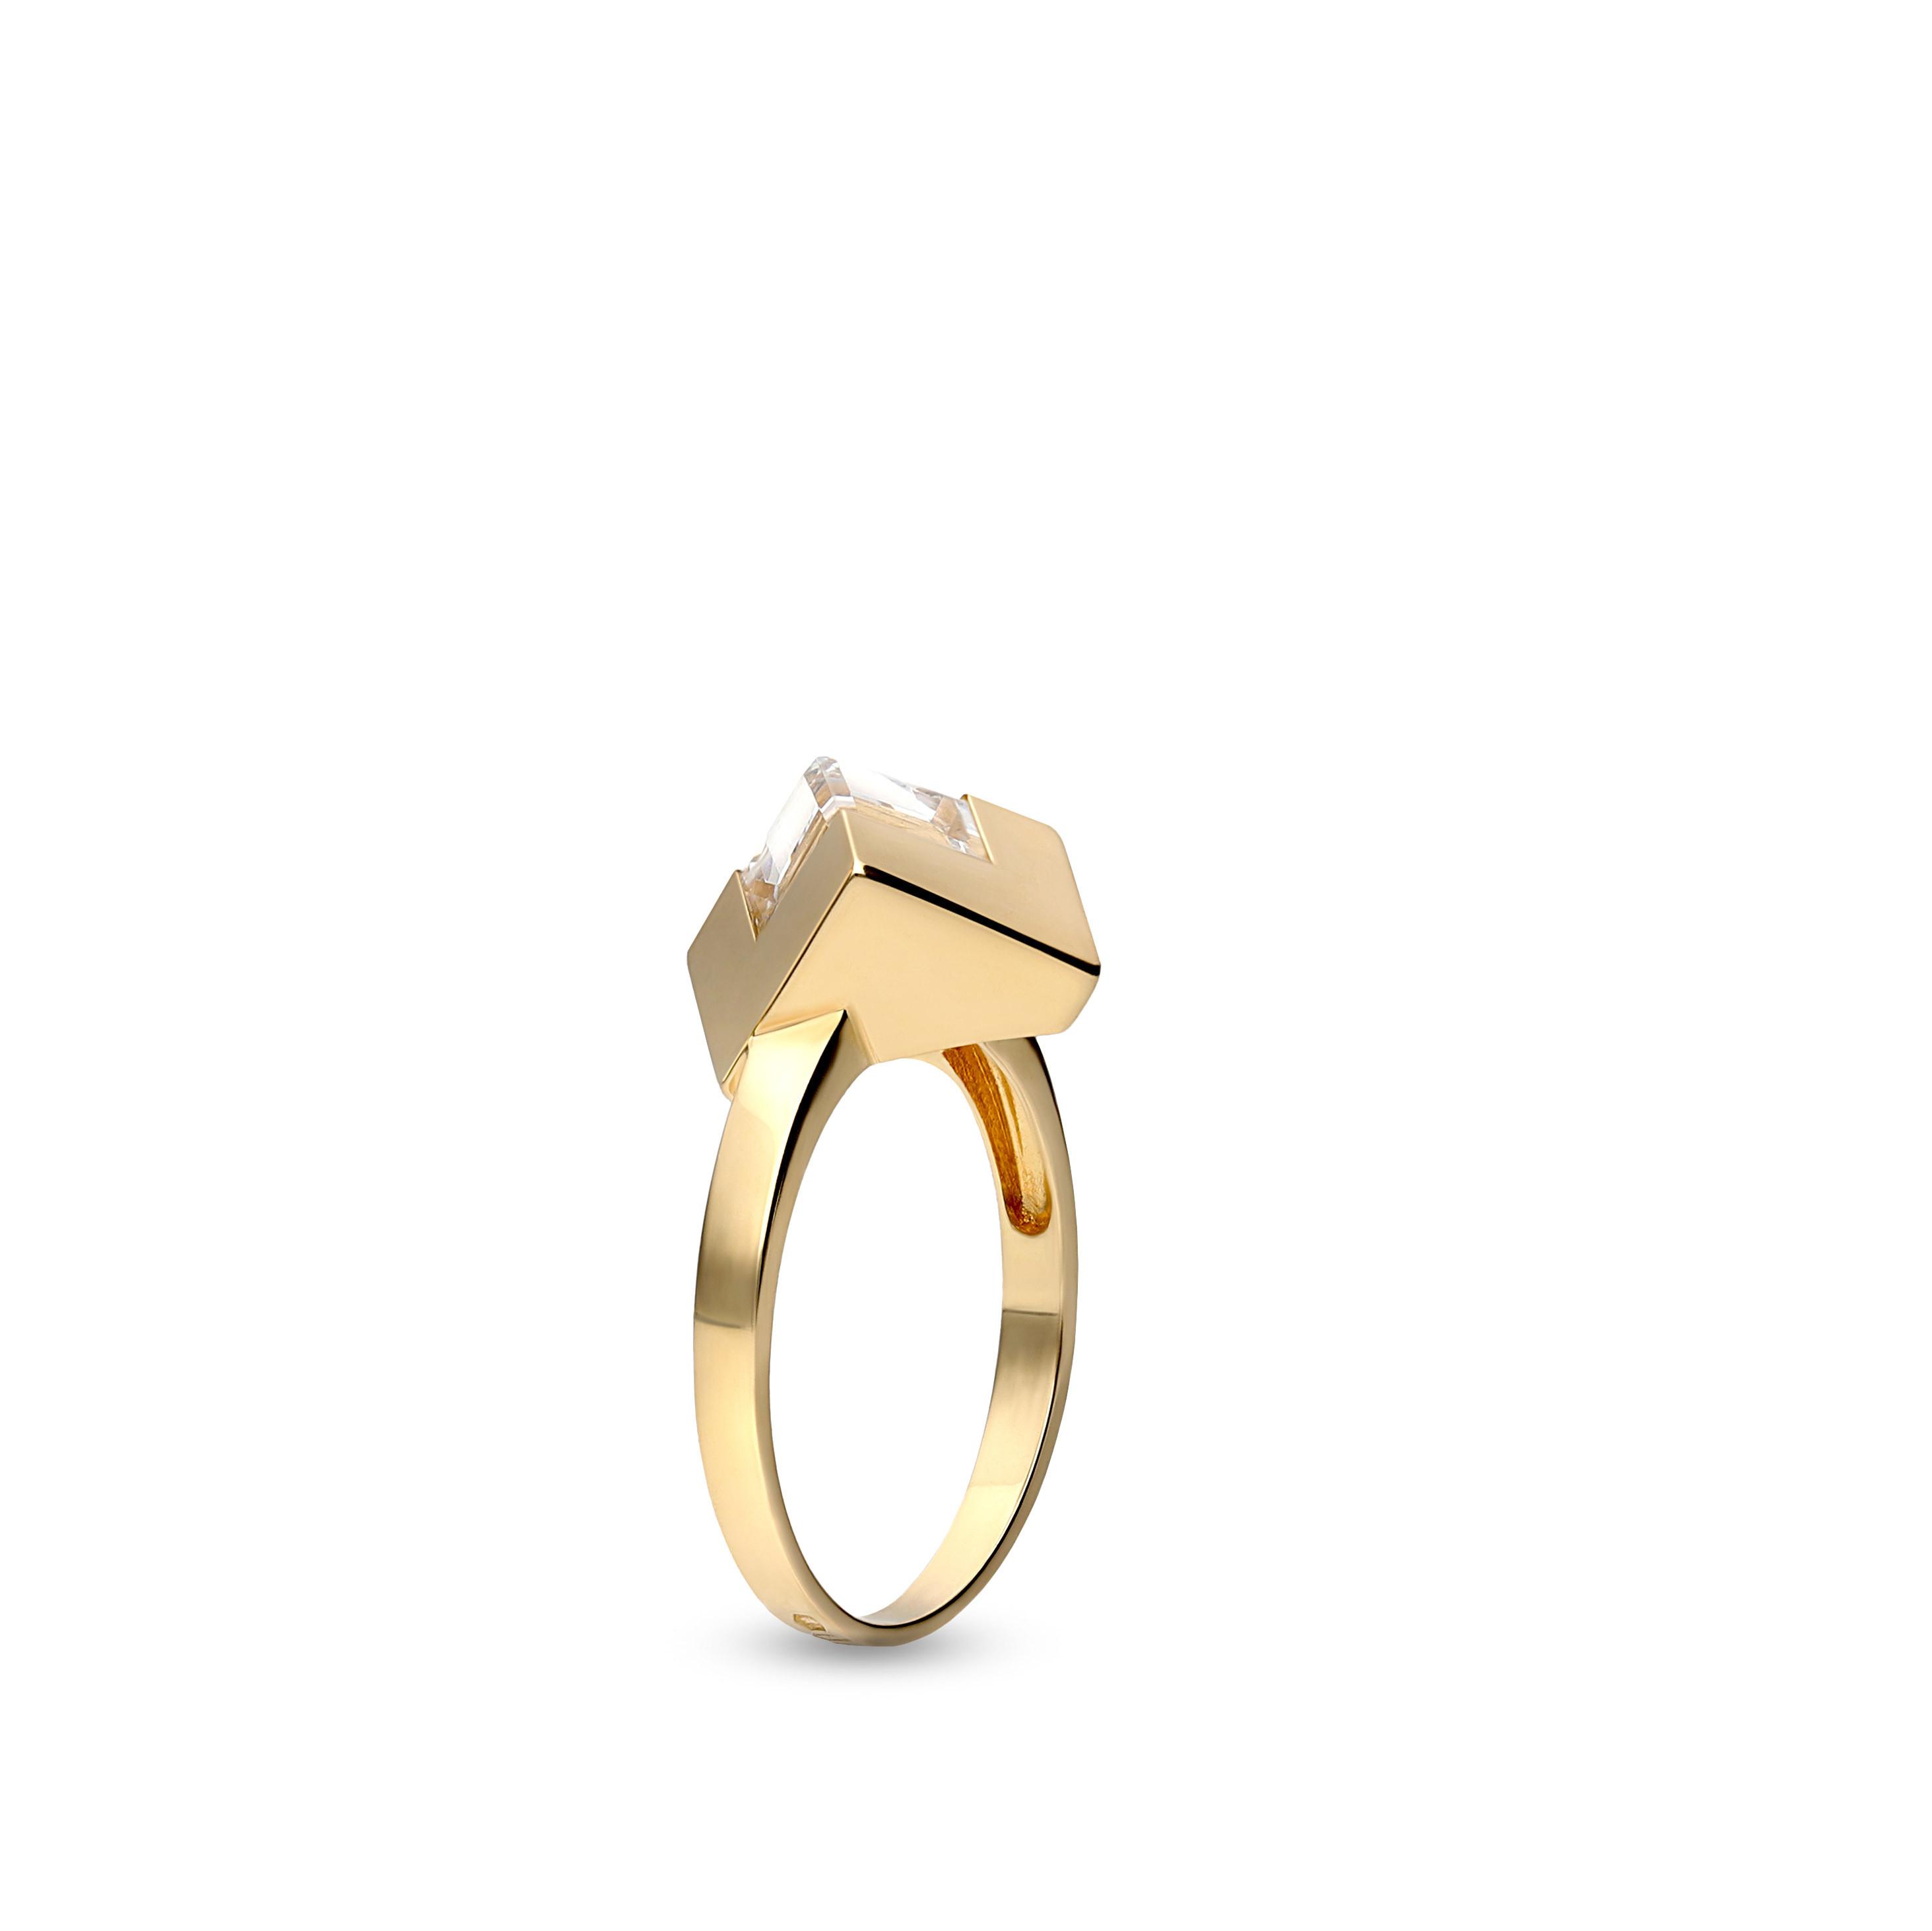 Pierścionek z żółtego złota - kostka z kryształem Swarovskiego, próba 585